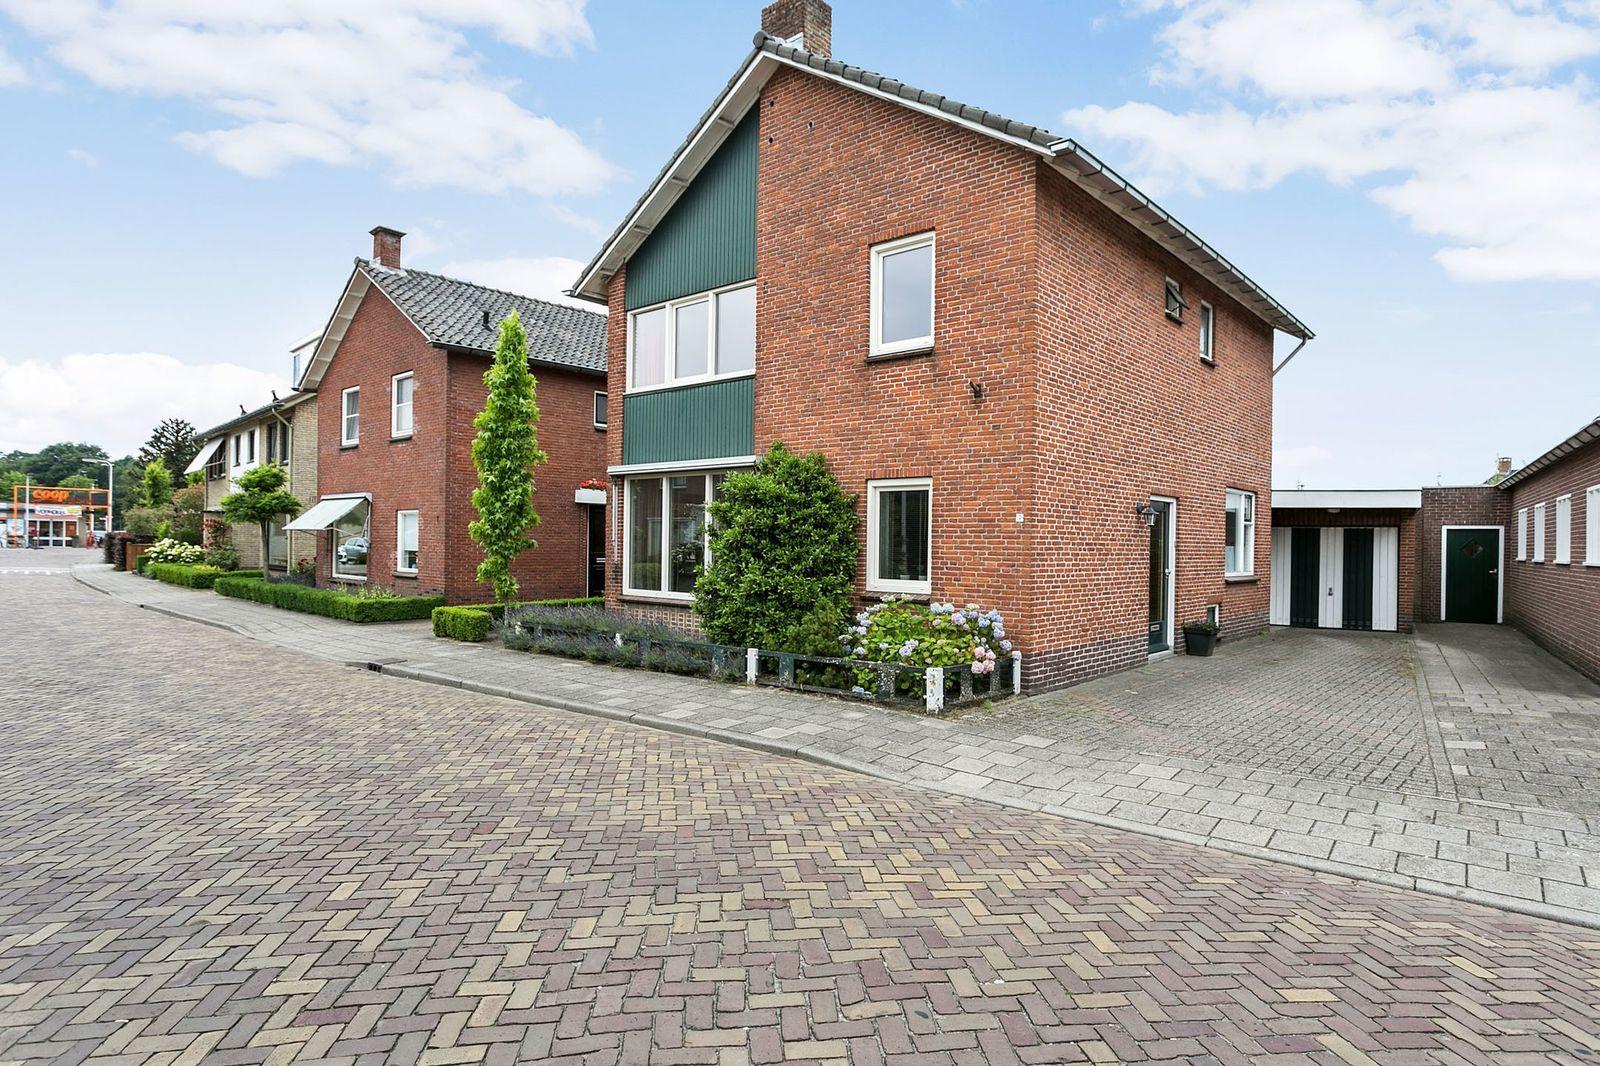 Hobergenstraat 9, Albergen